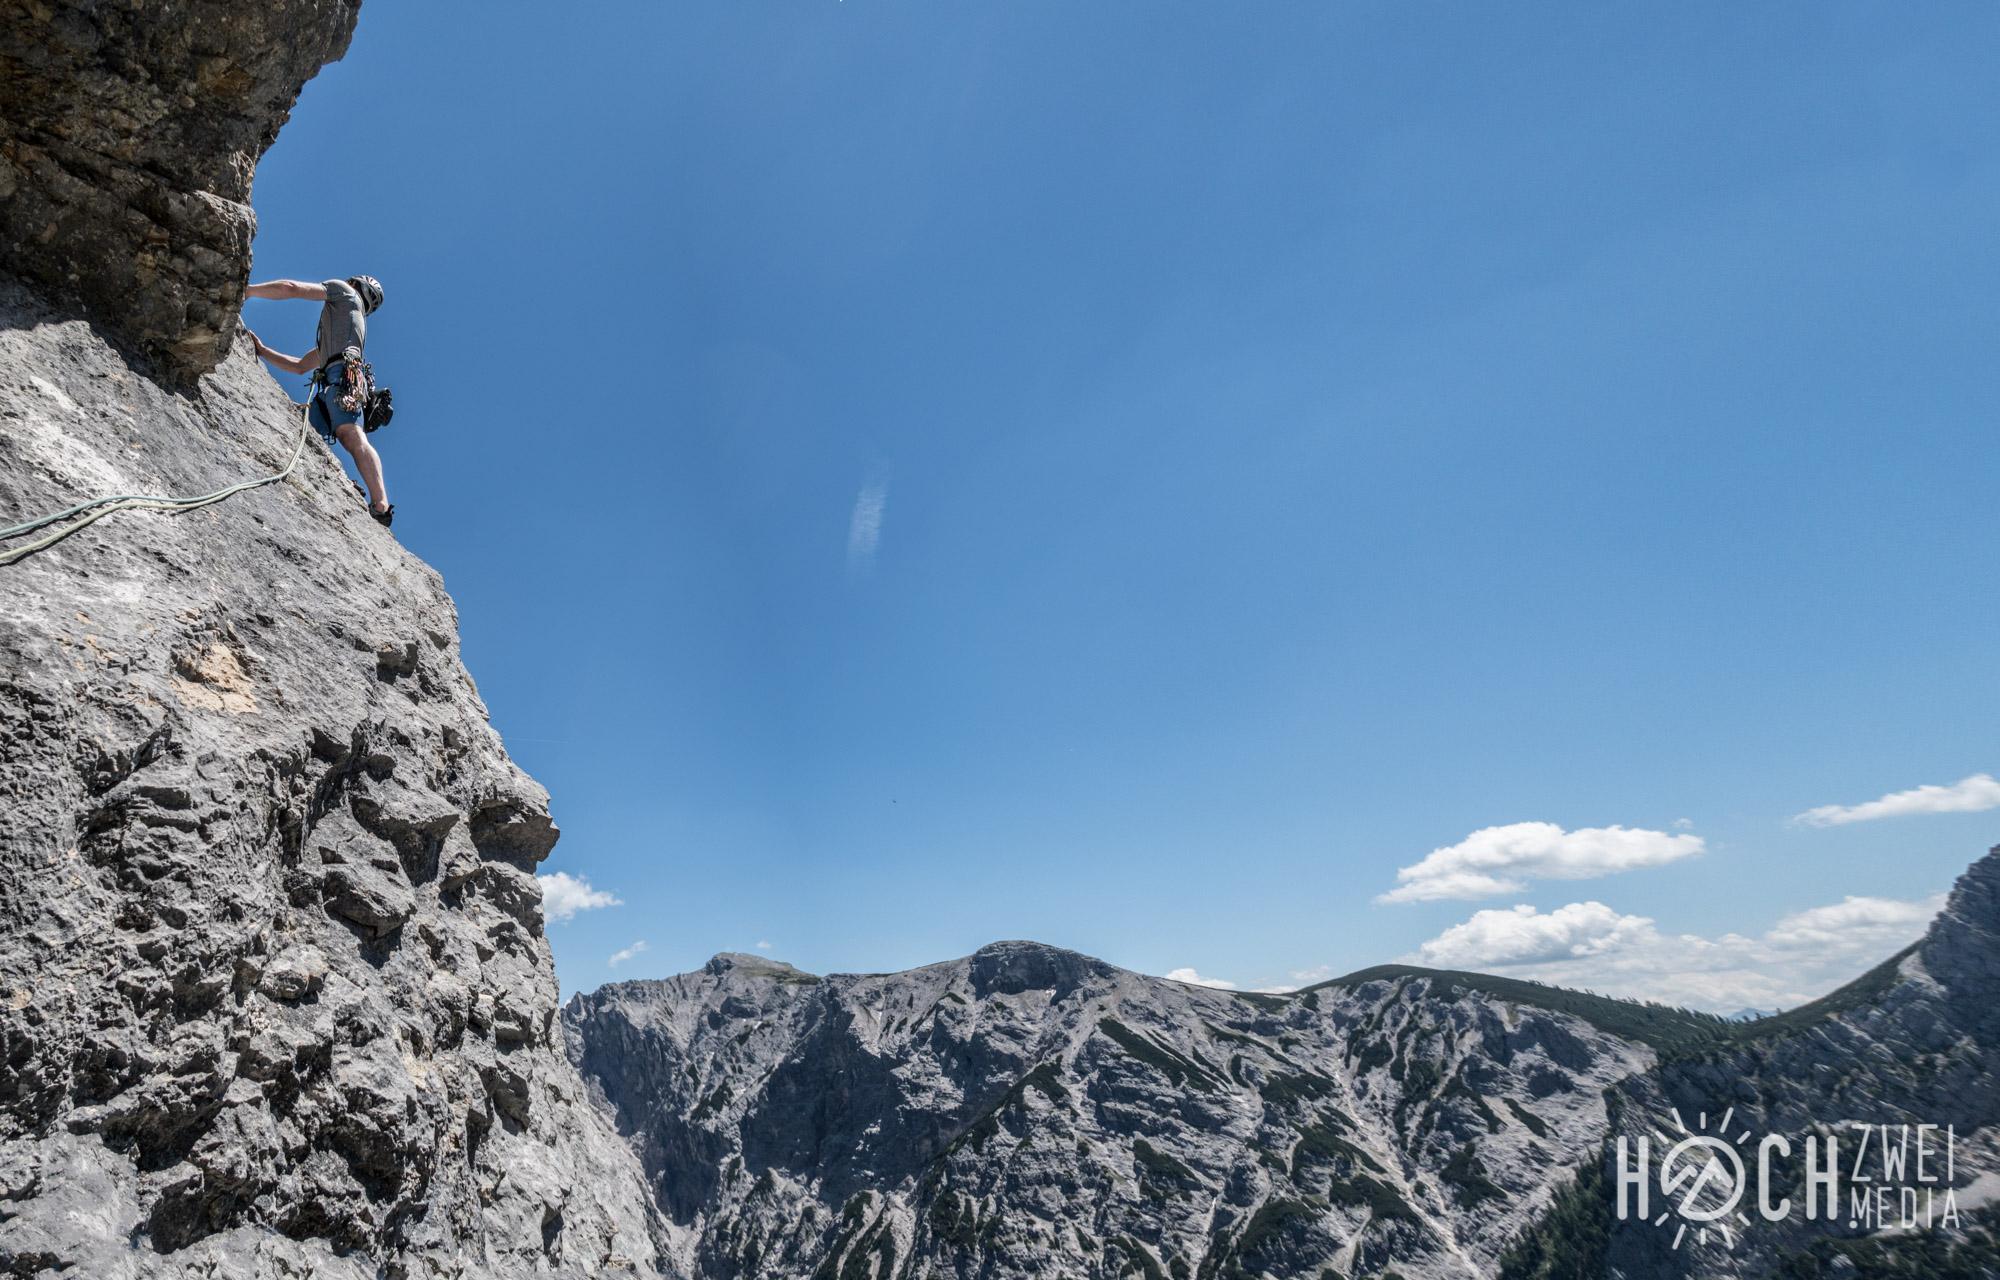 Klettern schobertal hinterstoder An die Klarheit eines Herbsttages